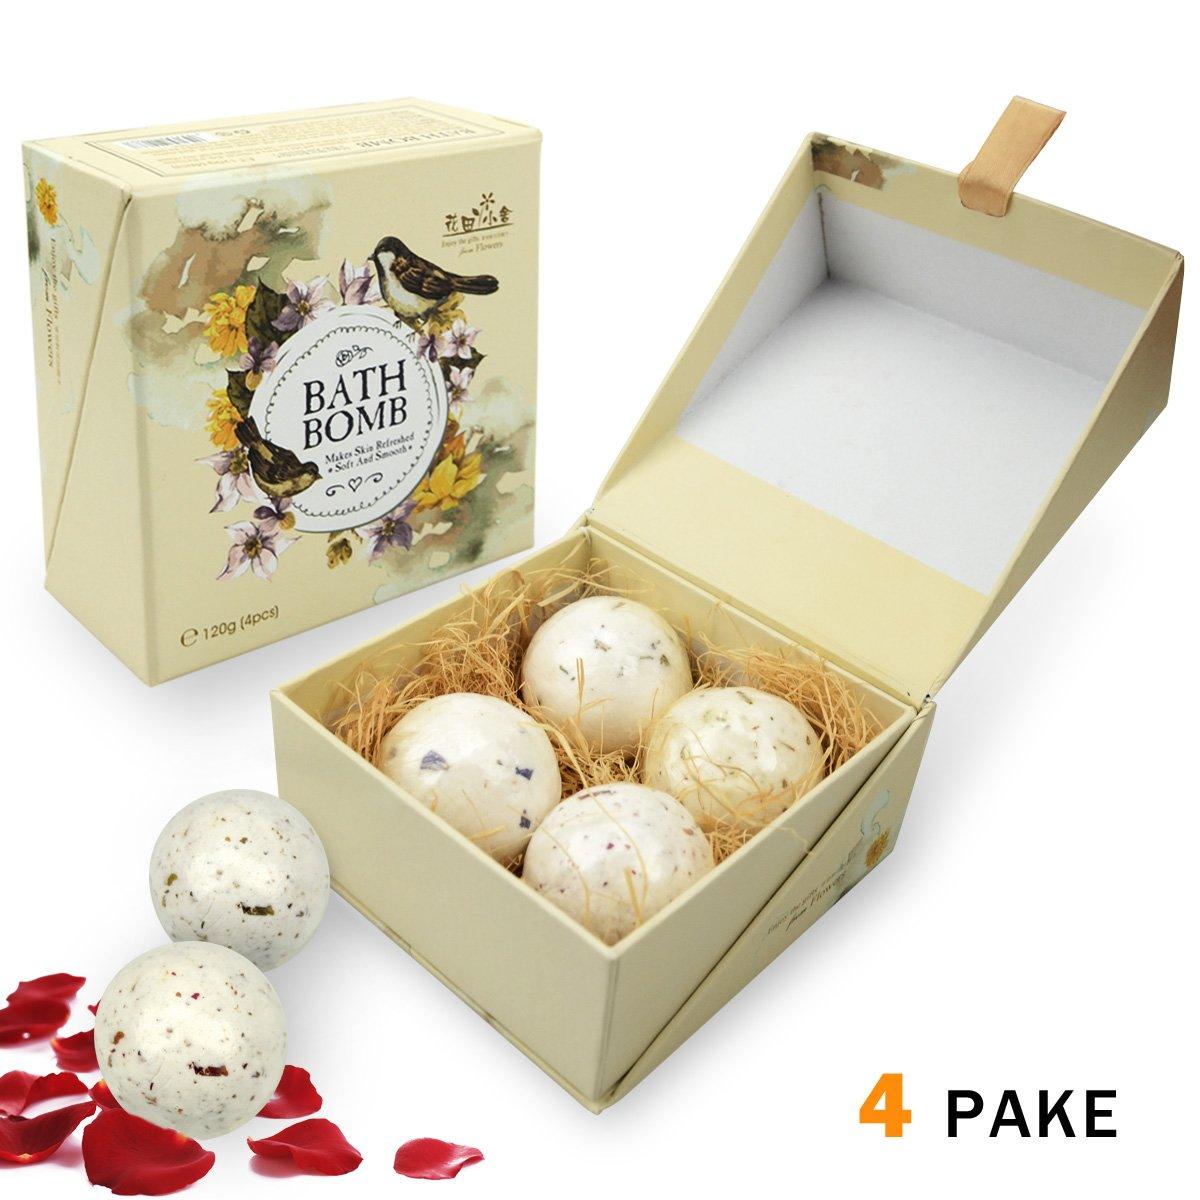 Bestfire bombe da bagno Set regalo kit, 4x 39,7gram sali da bagno Bubble Ball Essential oil Handmade spa bomba da bagno Fizzy migliore regalo ideale per donne uomini bambini